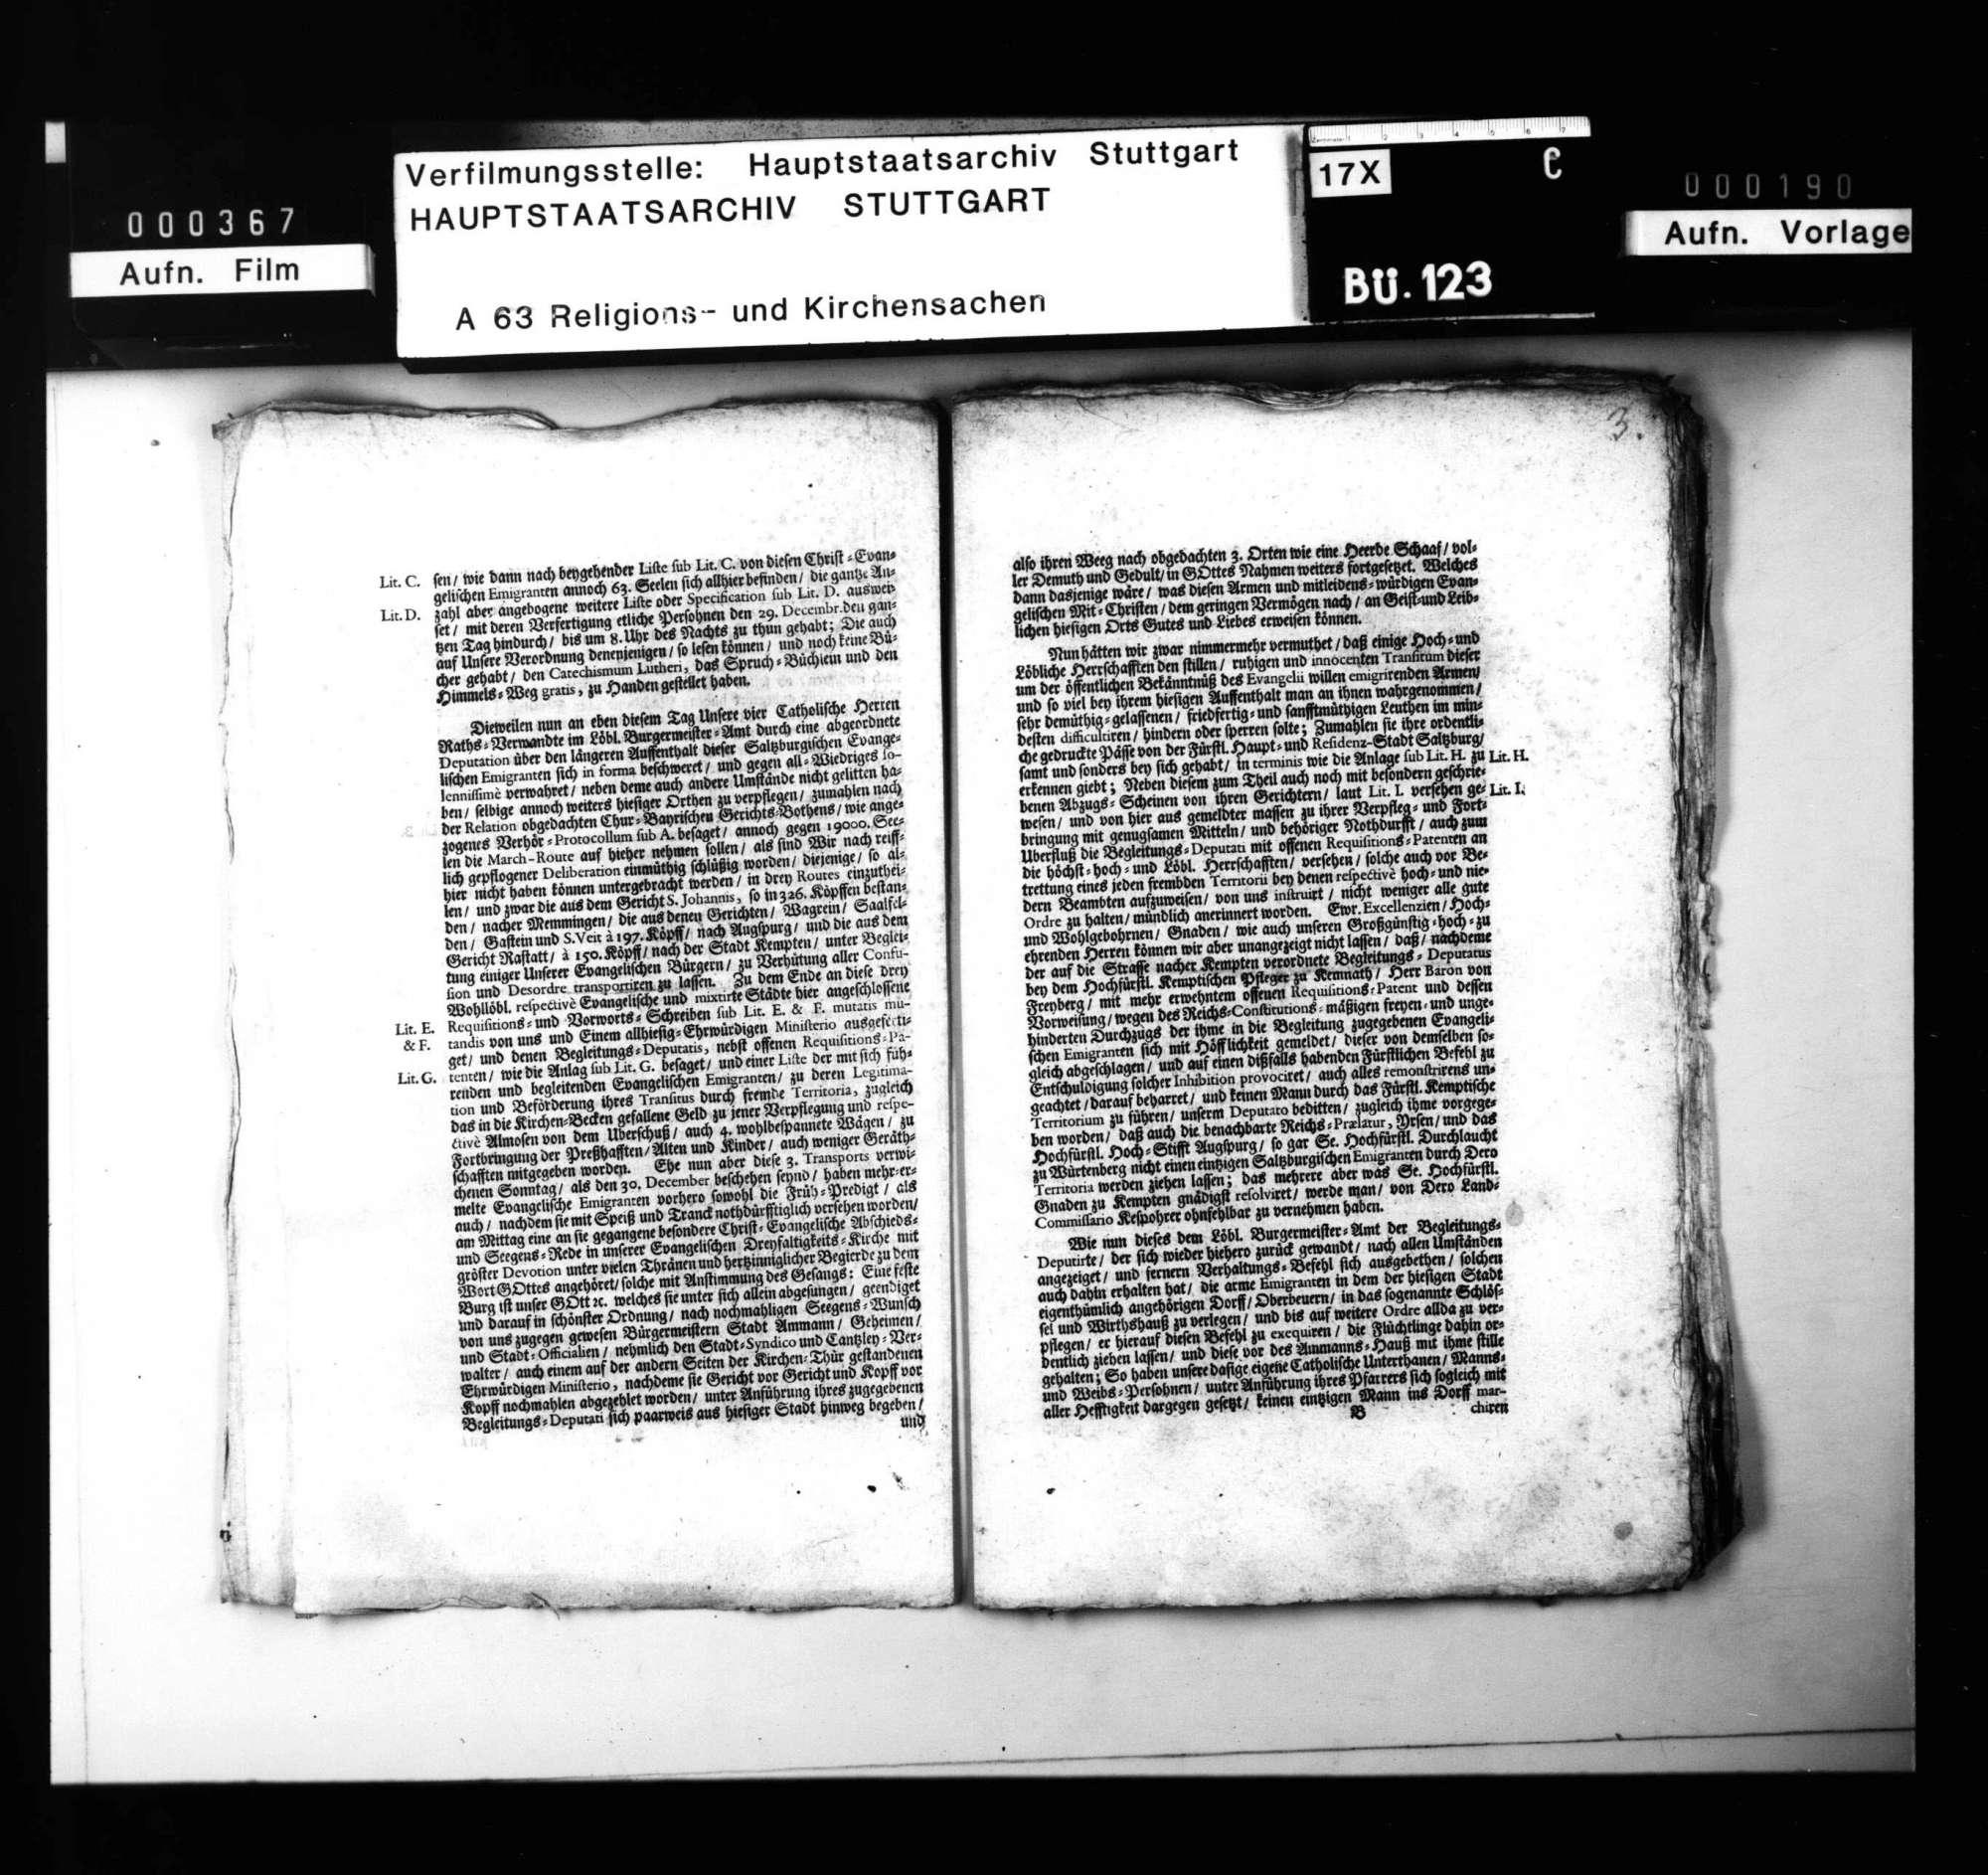 Akten über die Ankunft der Salzburger in Biberach, ihre Aufnahme und Abreise., Bild 3